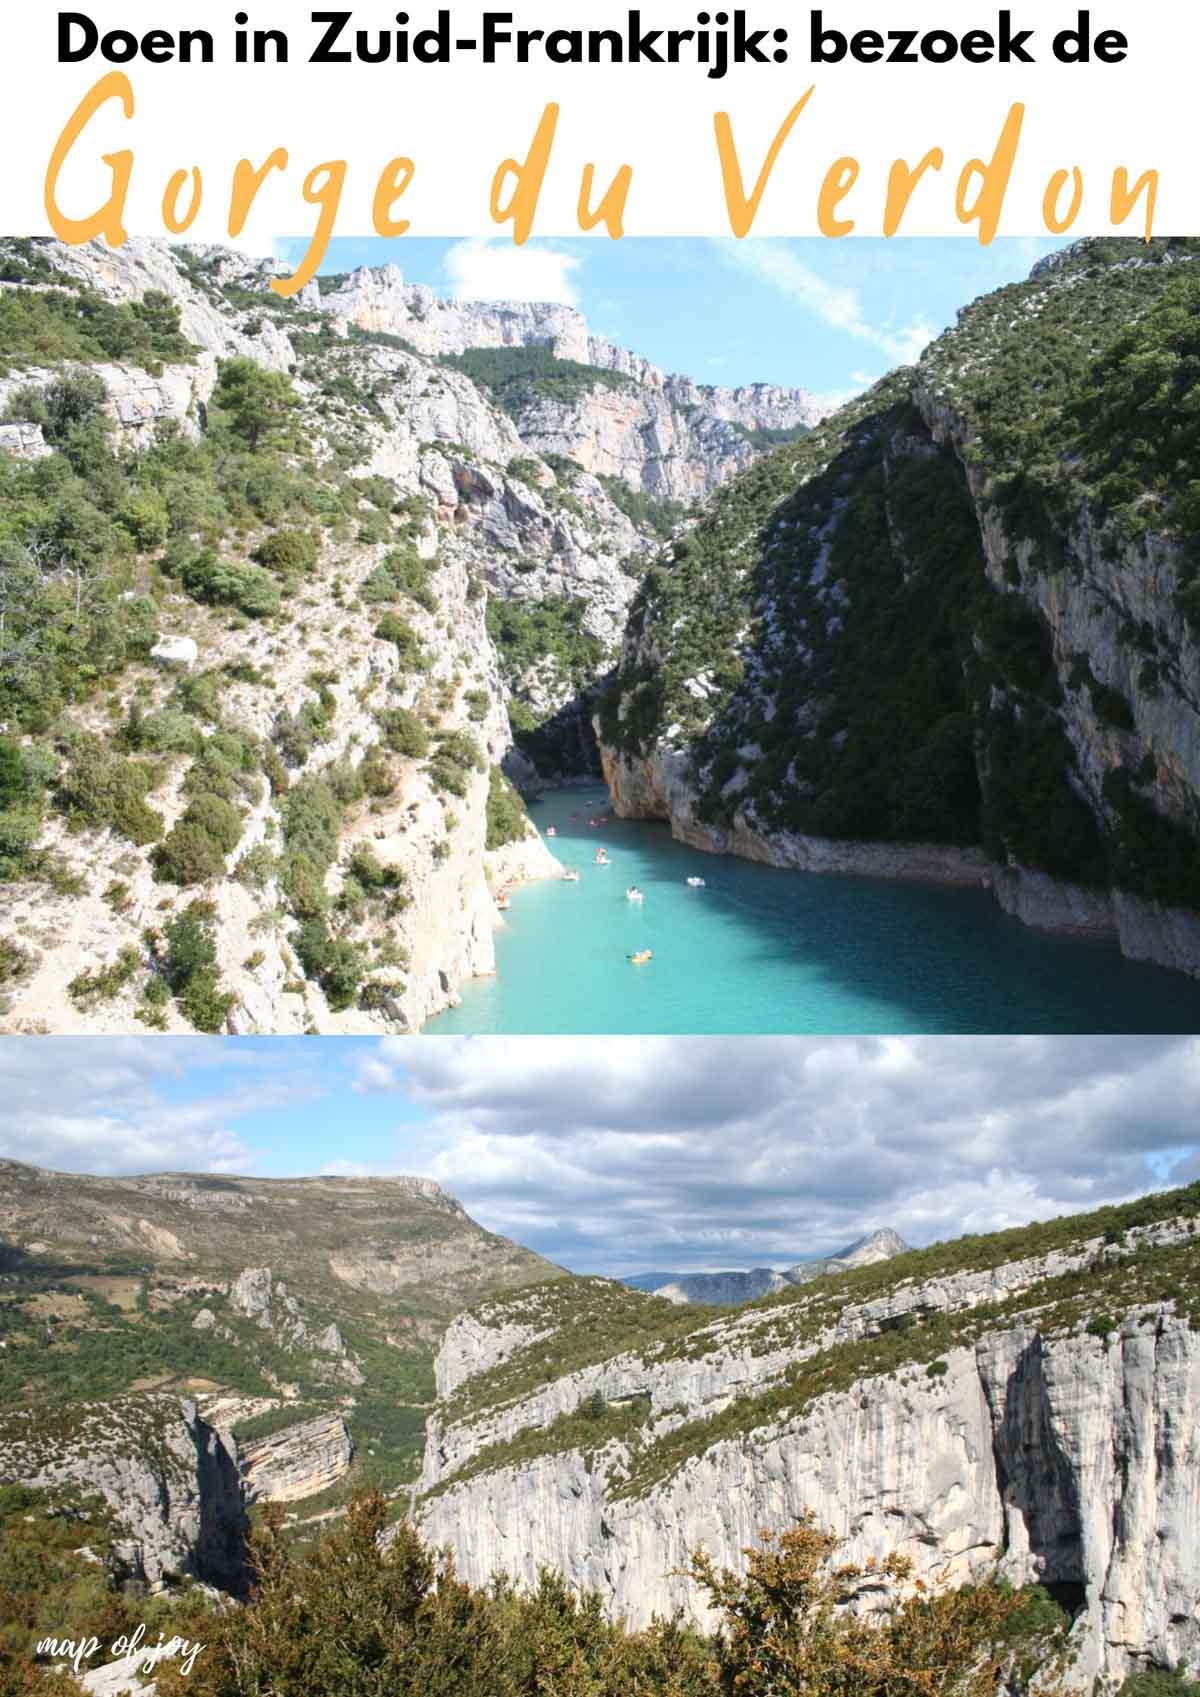 Doen in Zuid-Frankrijk: bewonder Gorge du Verdon - Map of Joy